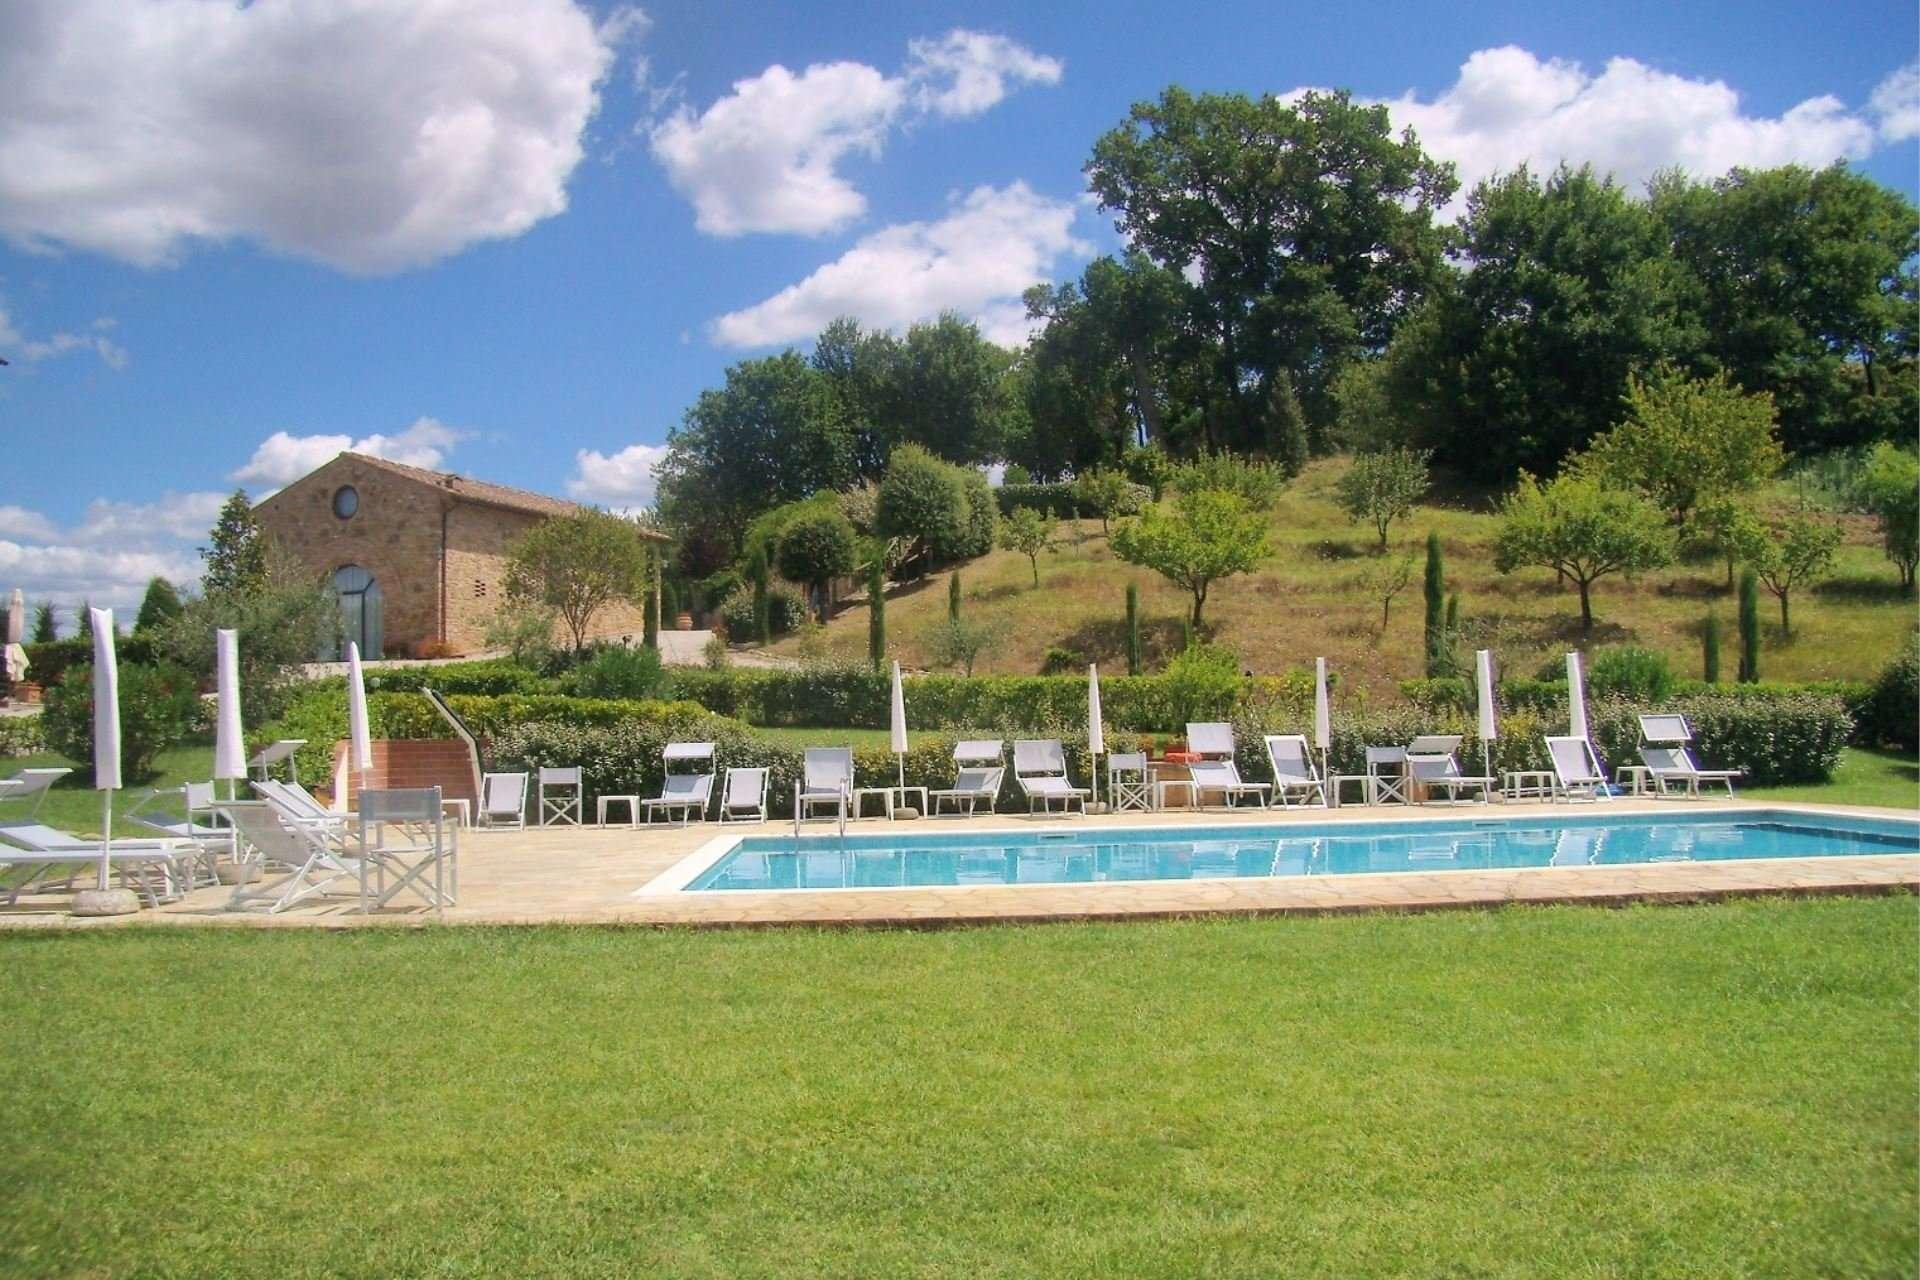 caselsa-zwembad-met-huis